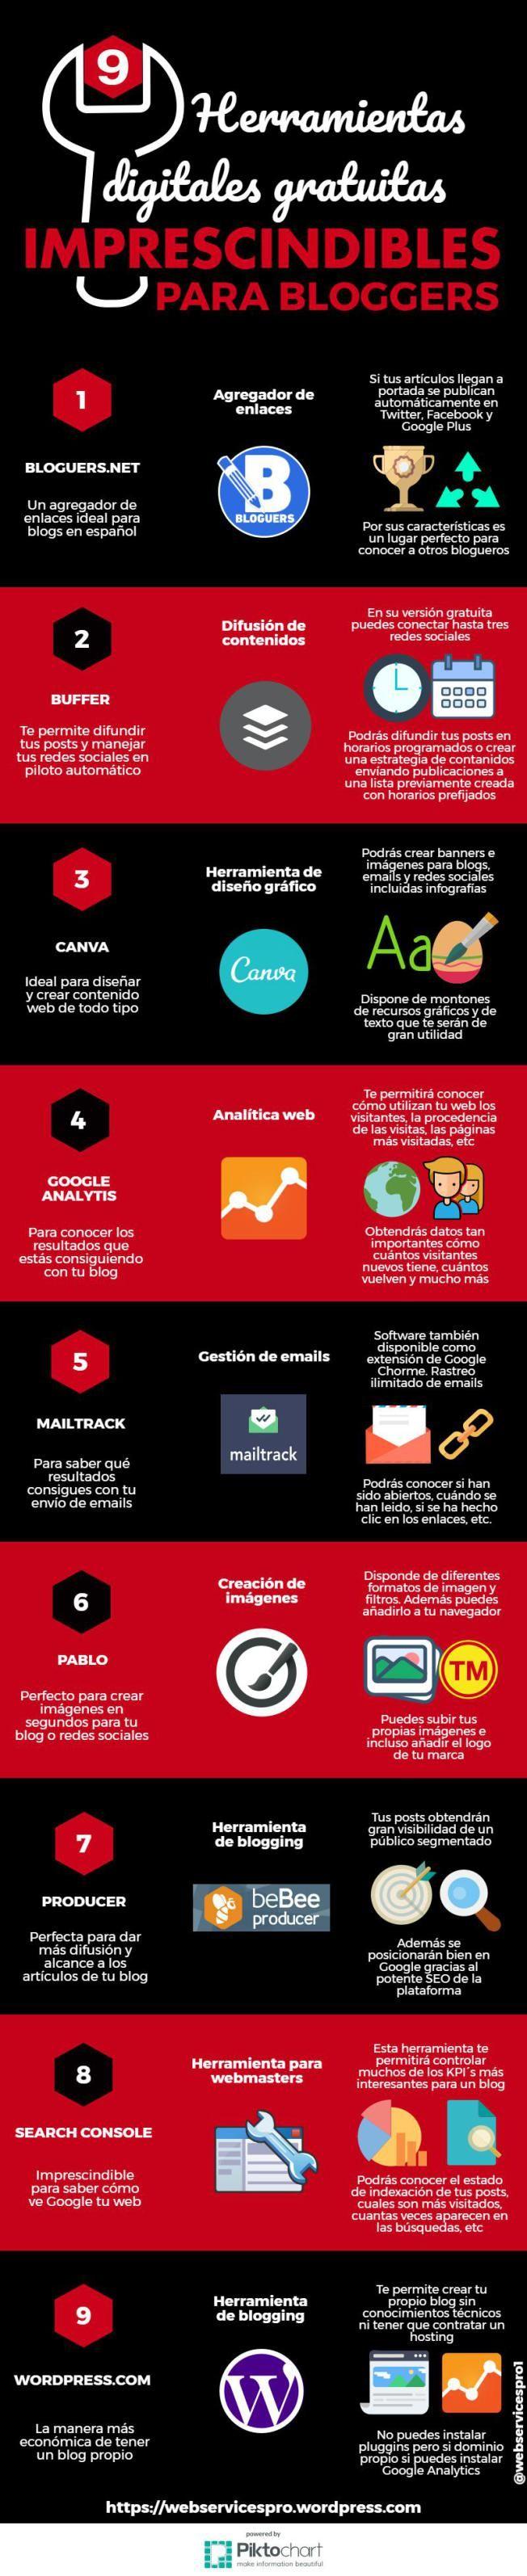 Nueve herramientas digitales gratuitas imprescindibles para bloggers.  #blogging #marketing #blogs